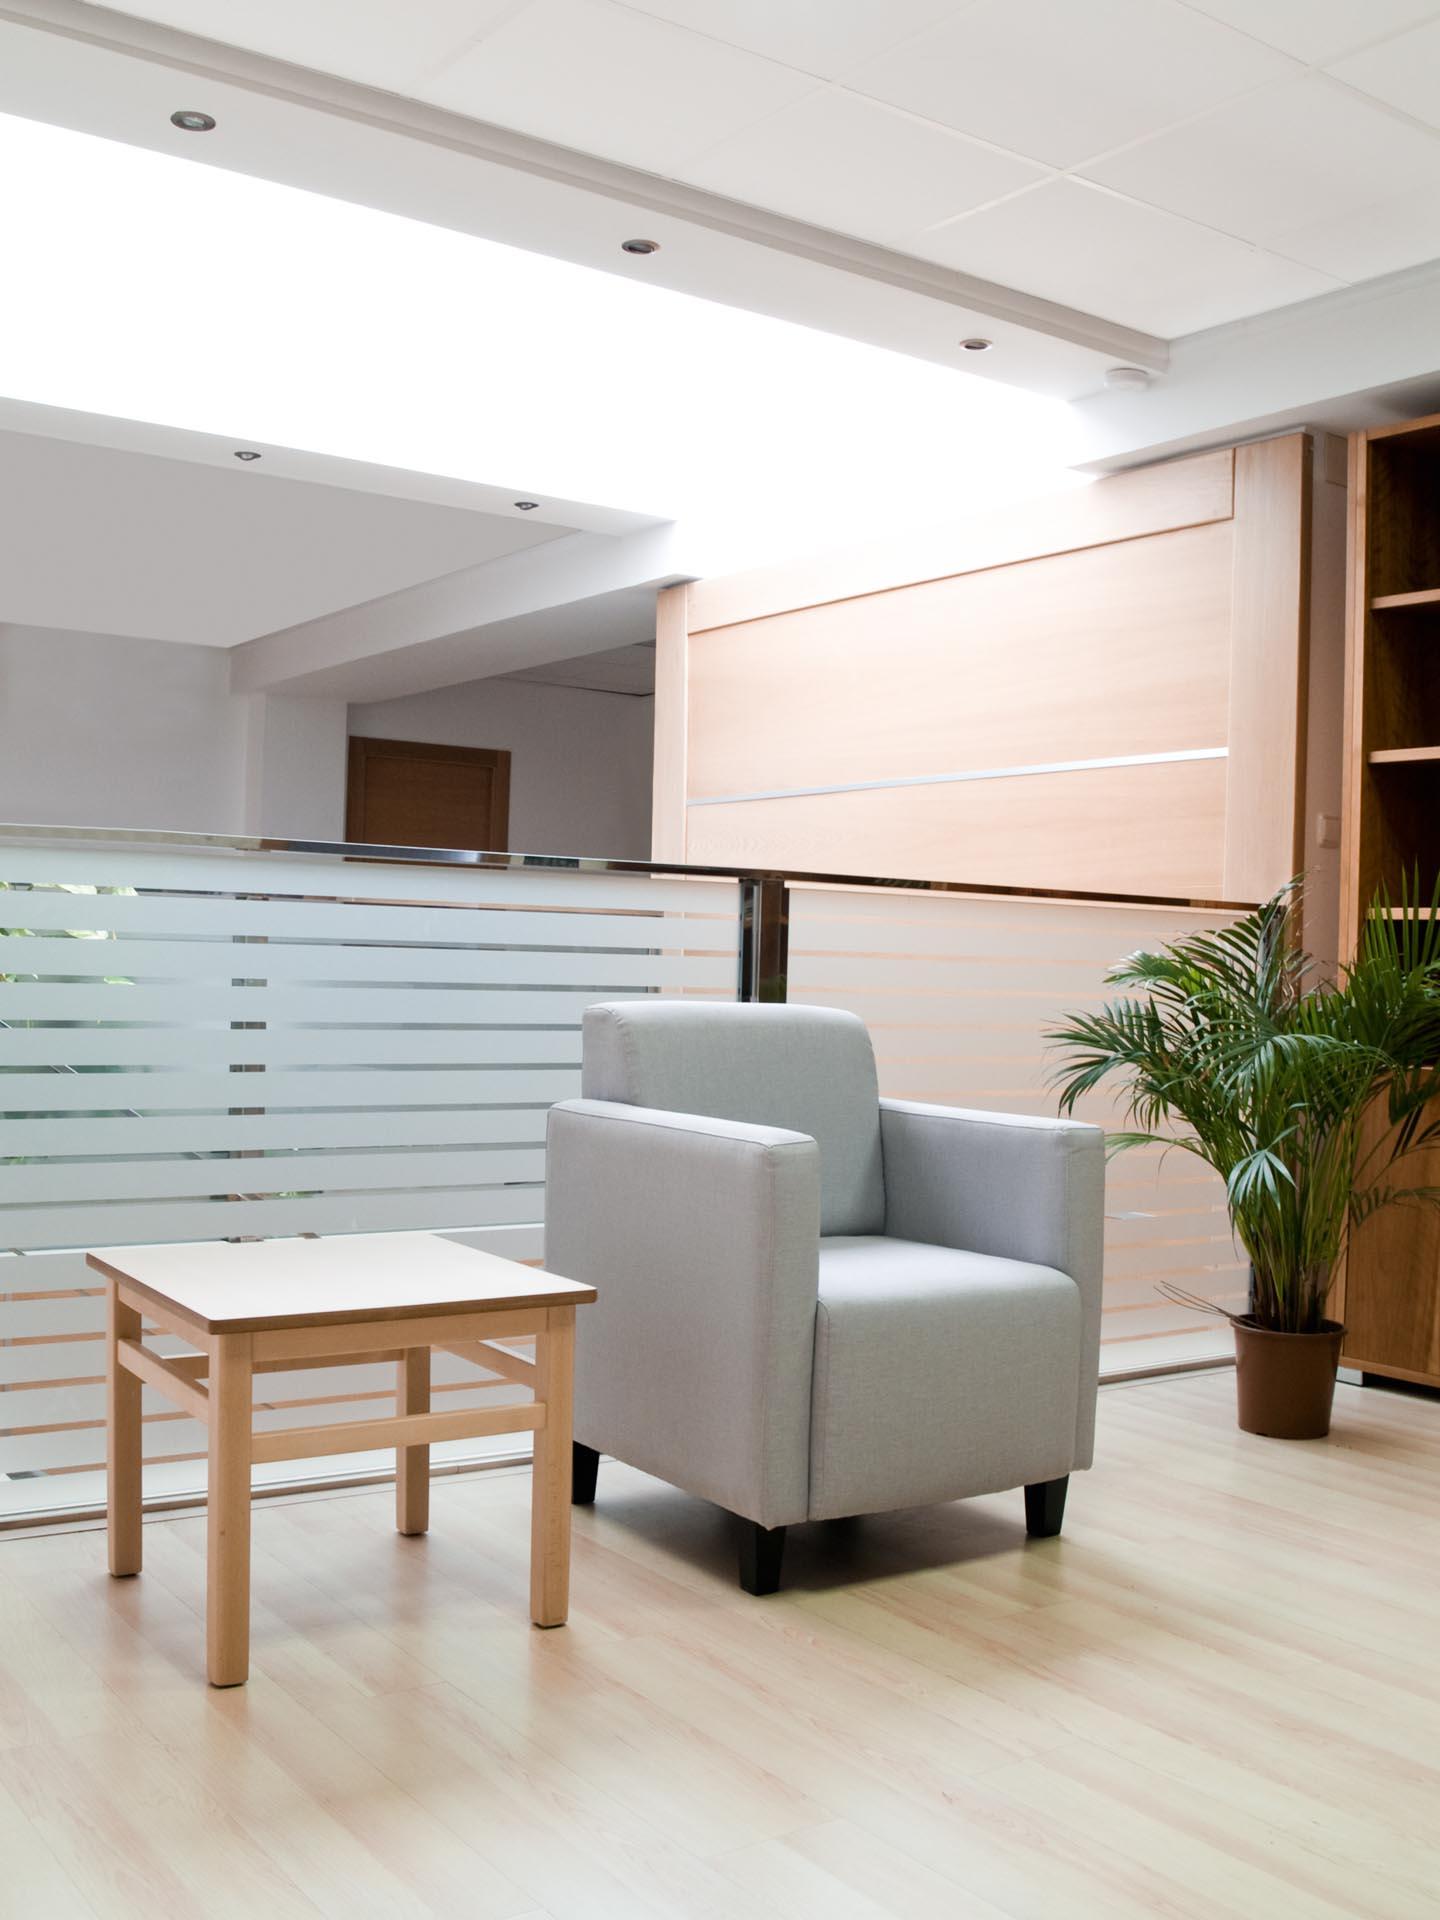 Sillones y sofás para salas de espera, descanso o hall